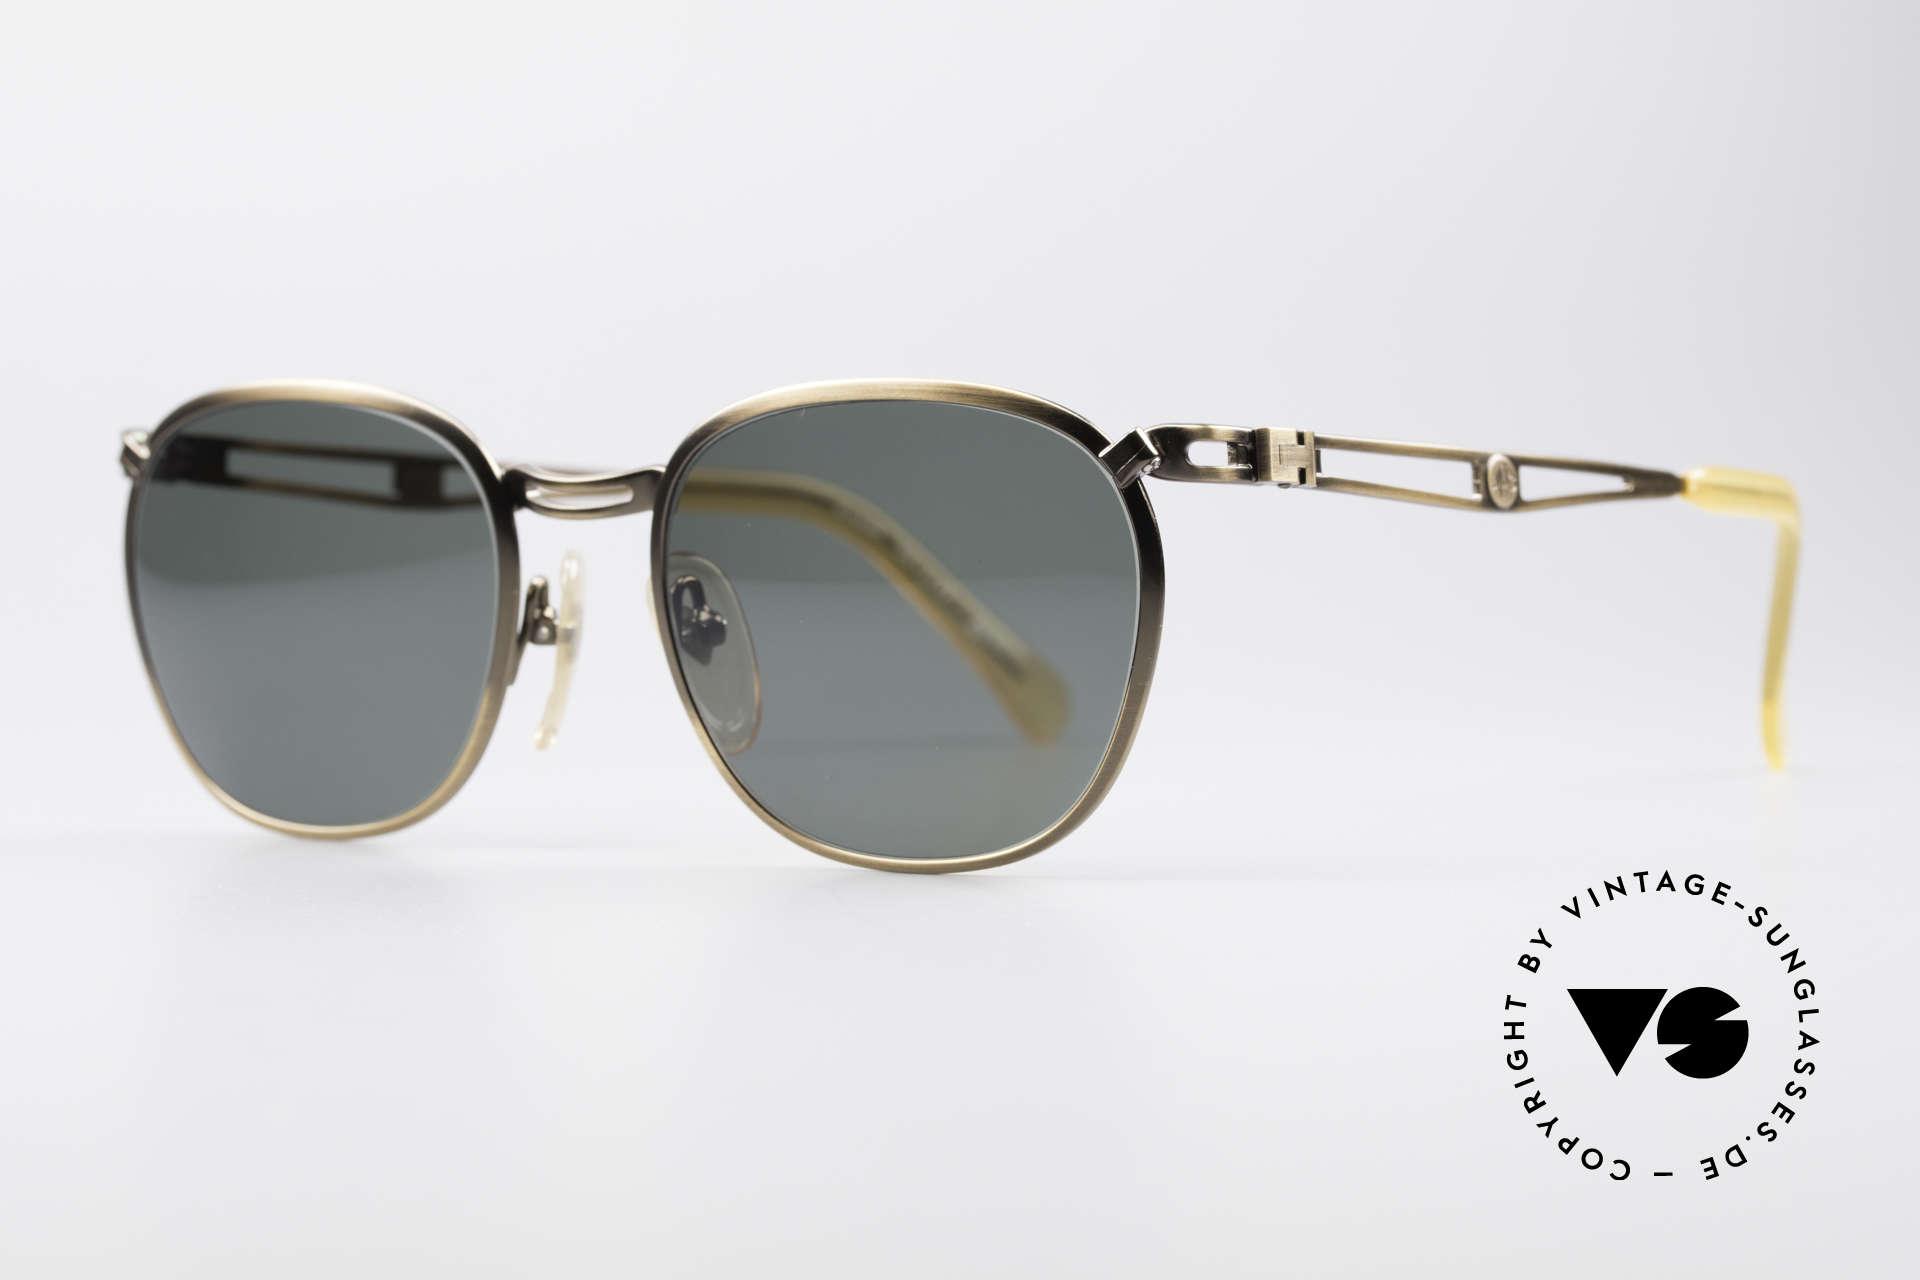 Jean Paul Gaultier 56-2177 90er Designer Sonnenbrille, aber gewohnte Spitzen-Qualität; wie aus einem Stück, Passend für Herren und Damen